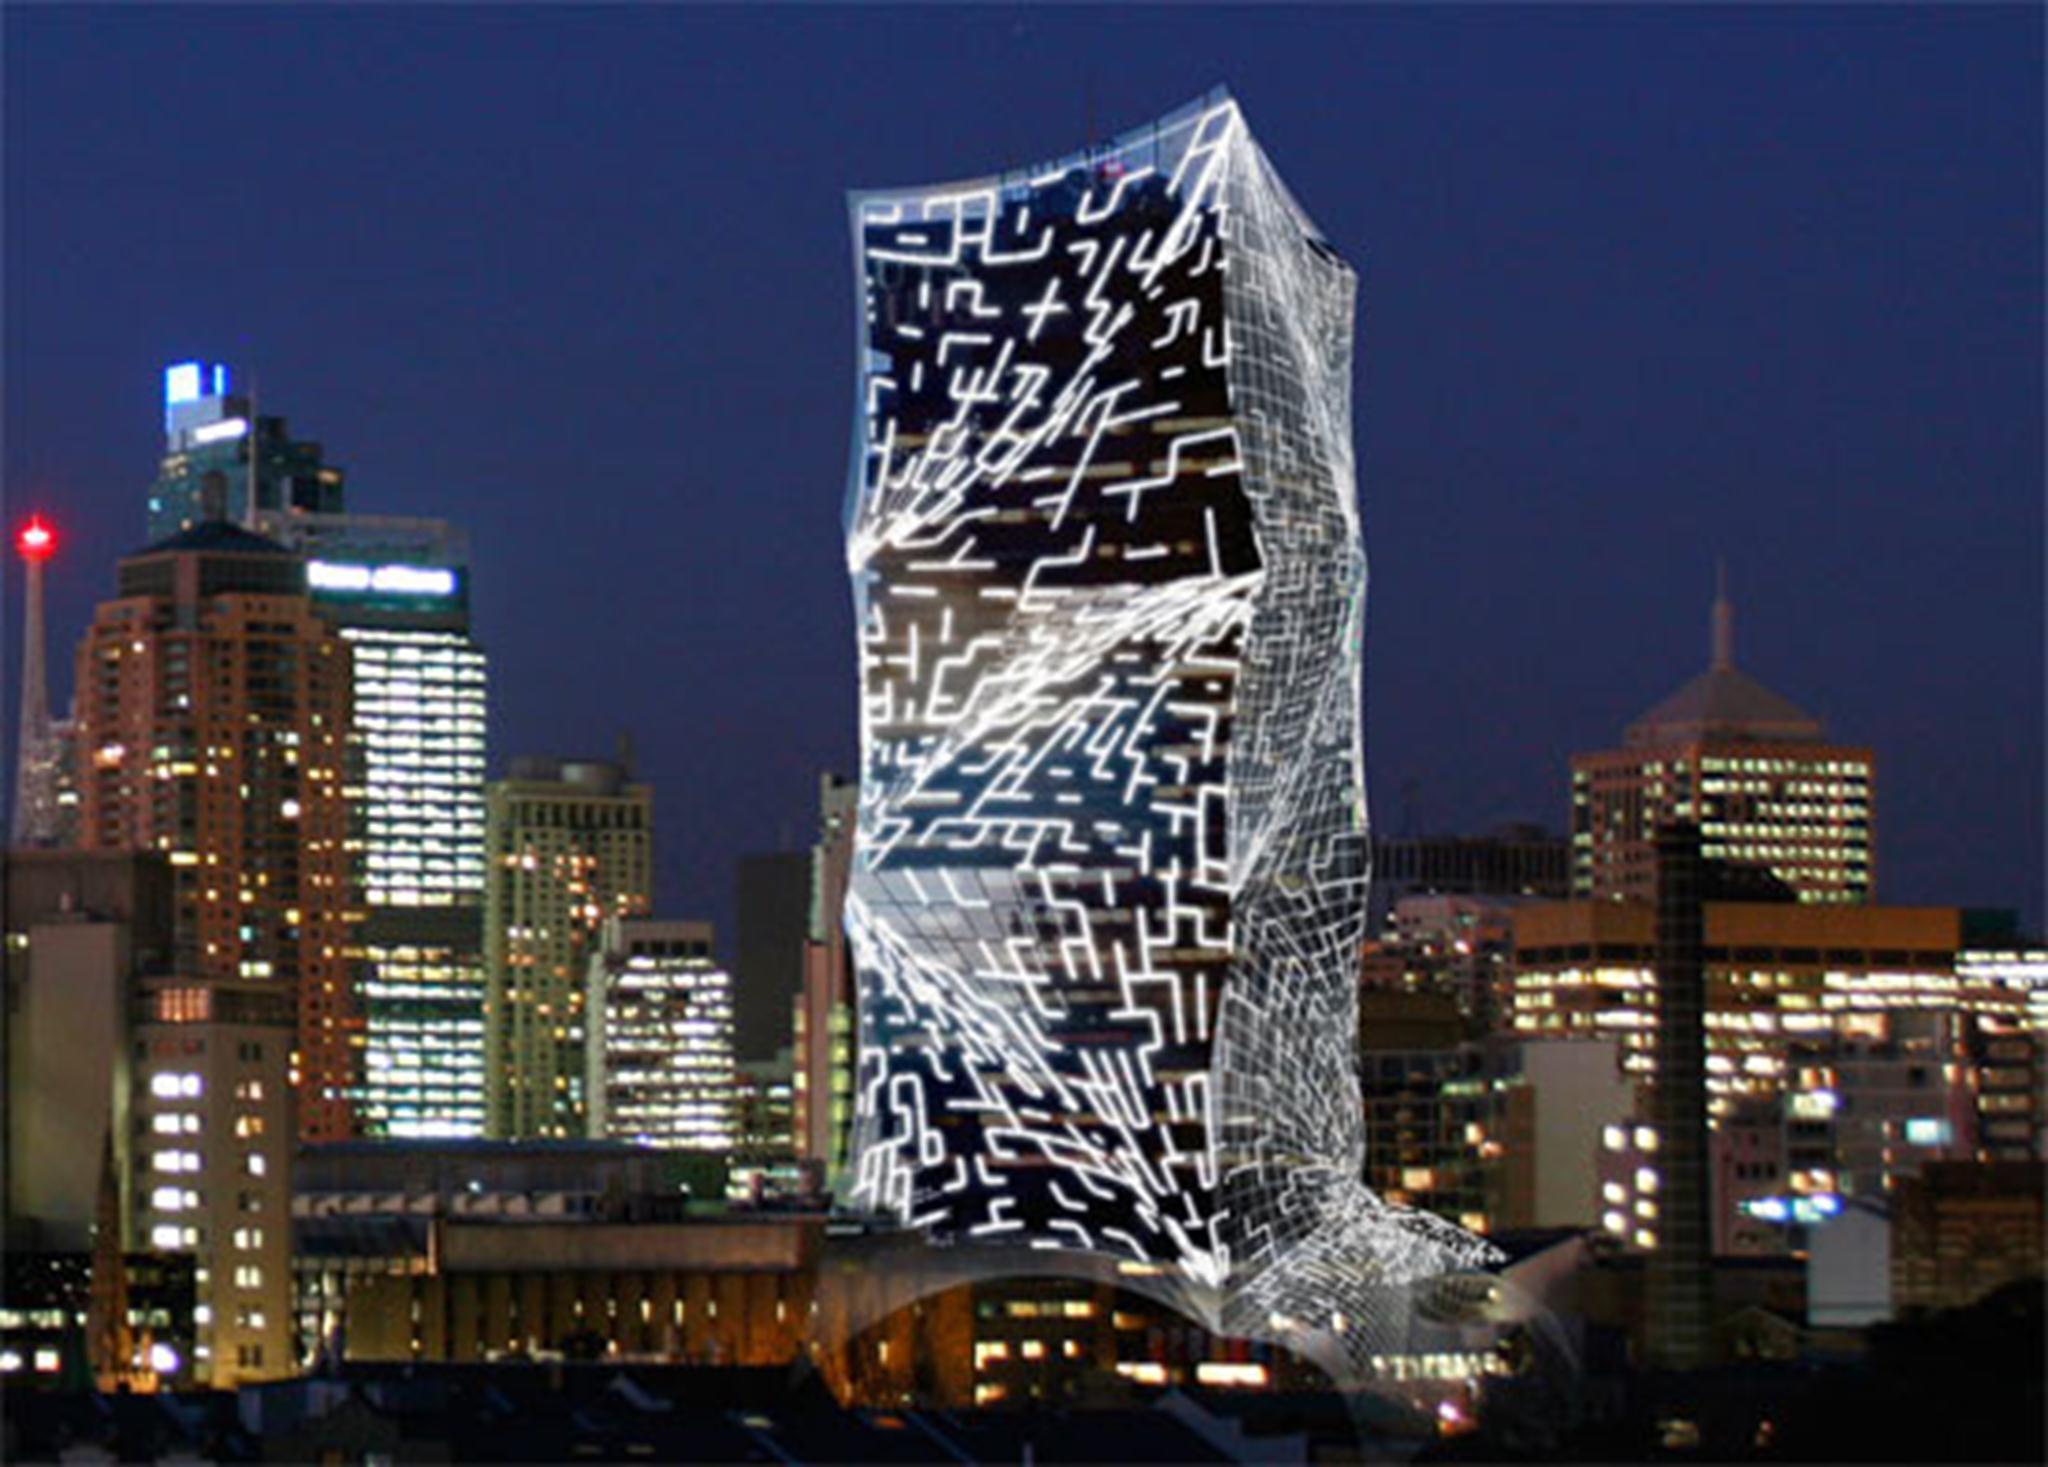 Công nghệ Tower Skin, được phát triển cho lớp vỏ ngoài công trình trên toàn cầu, đã giành giải thưởng của Liên hợp quốc Zeroprize